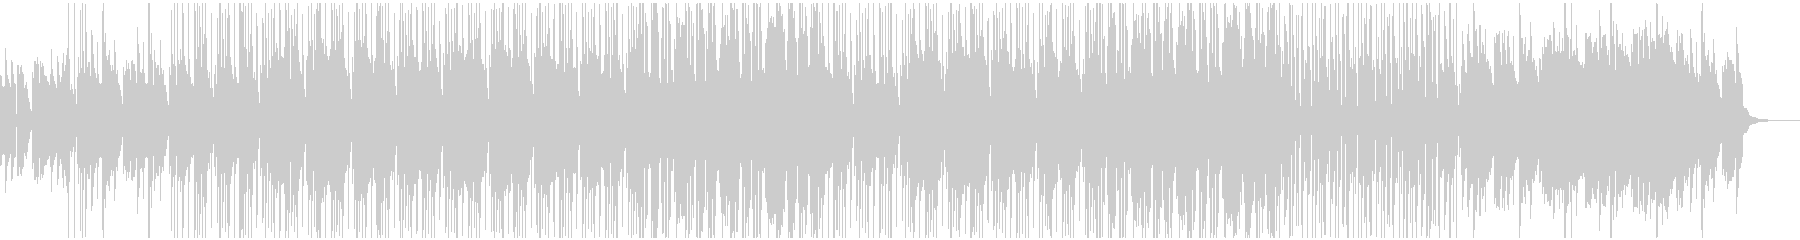 フルートが印象的なブルースっぽいジャズの未再生の波形